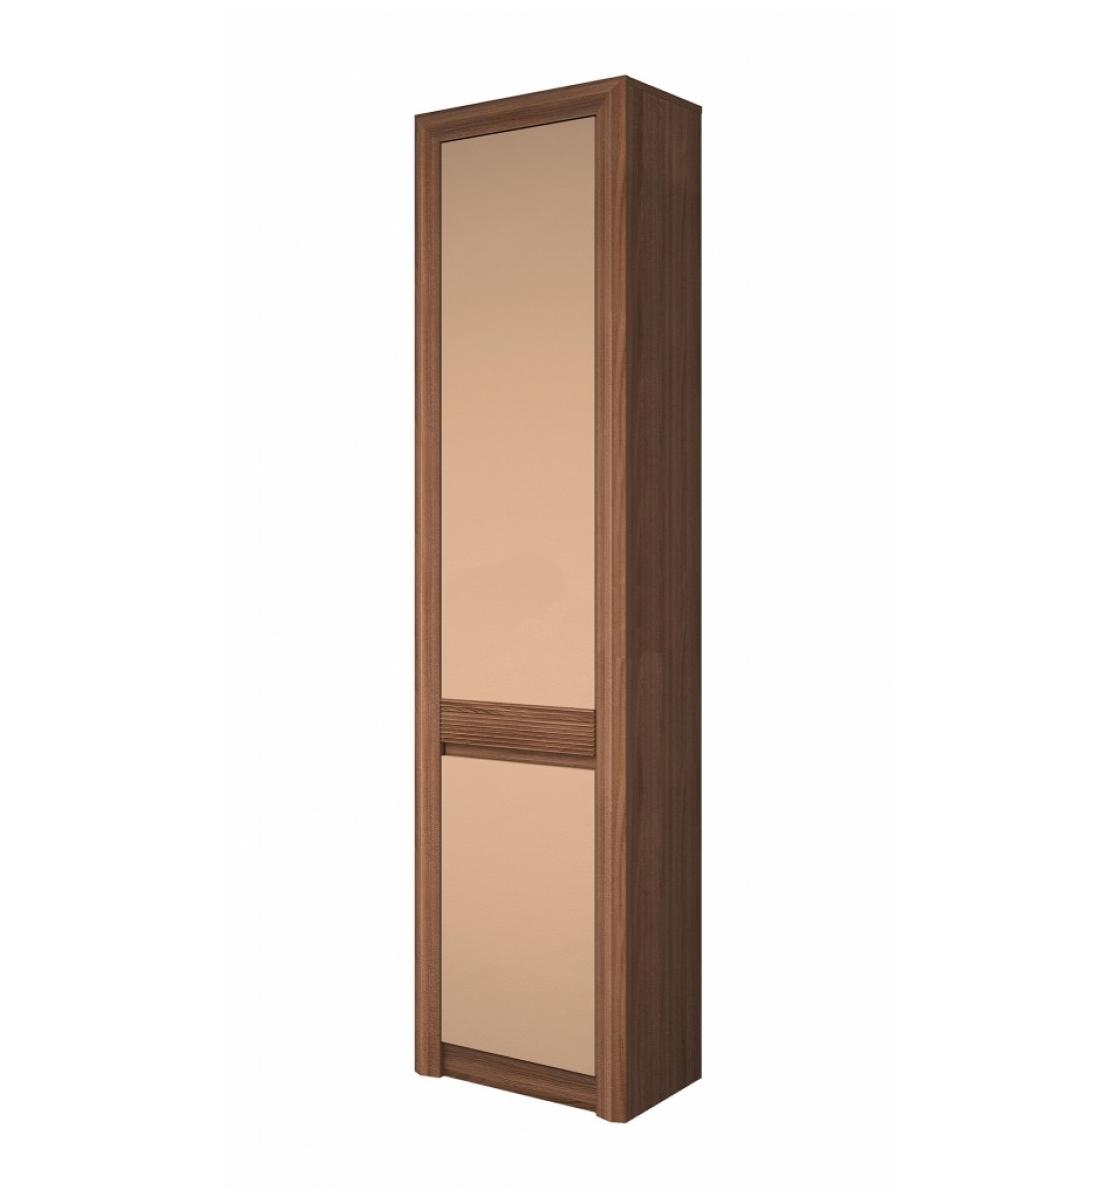 Шкаф для одежды Камелия-4 Ясень шимо/Мокко